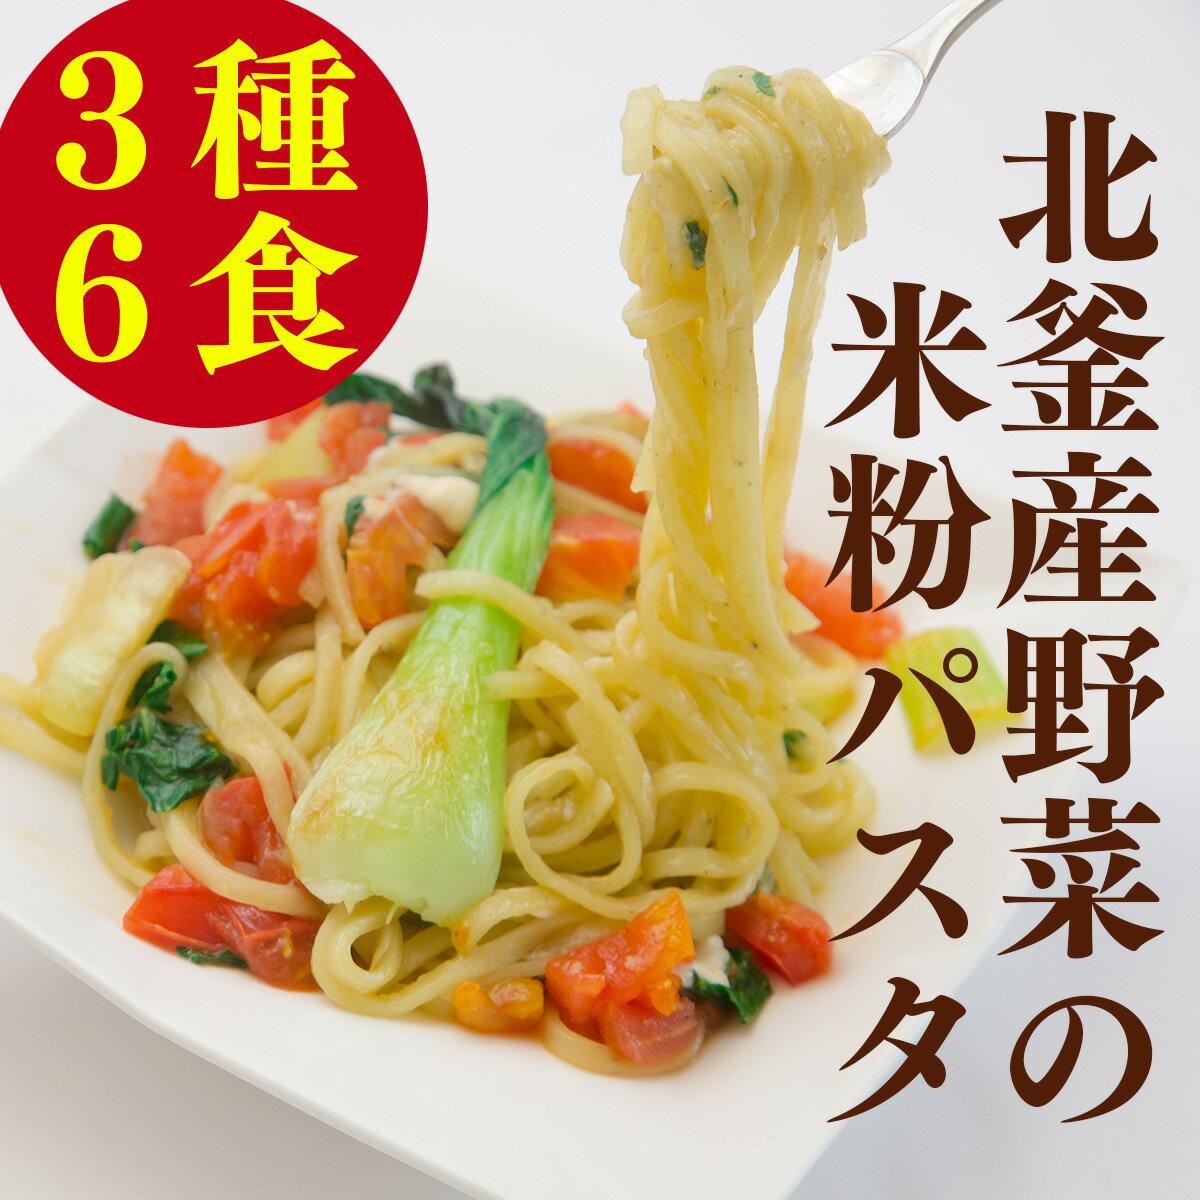 【ふるさと納税】北釜産野菜の3色パスタ グルテンフリー